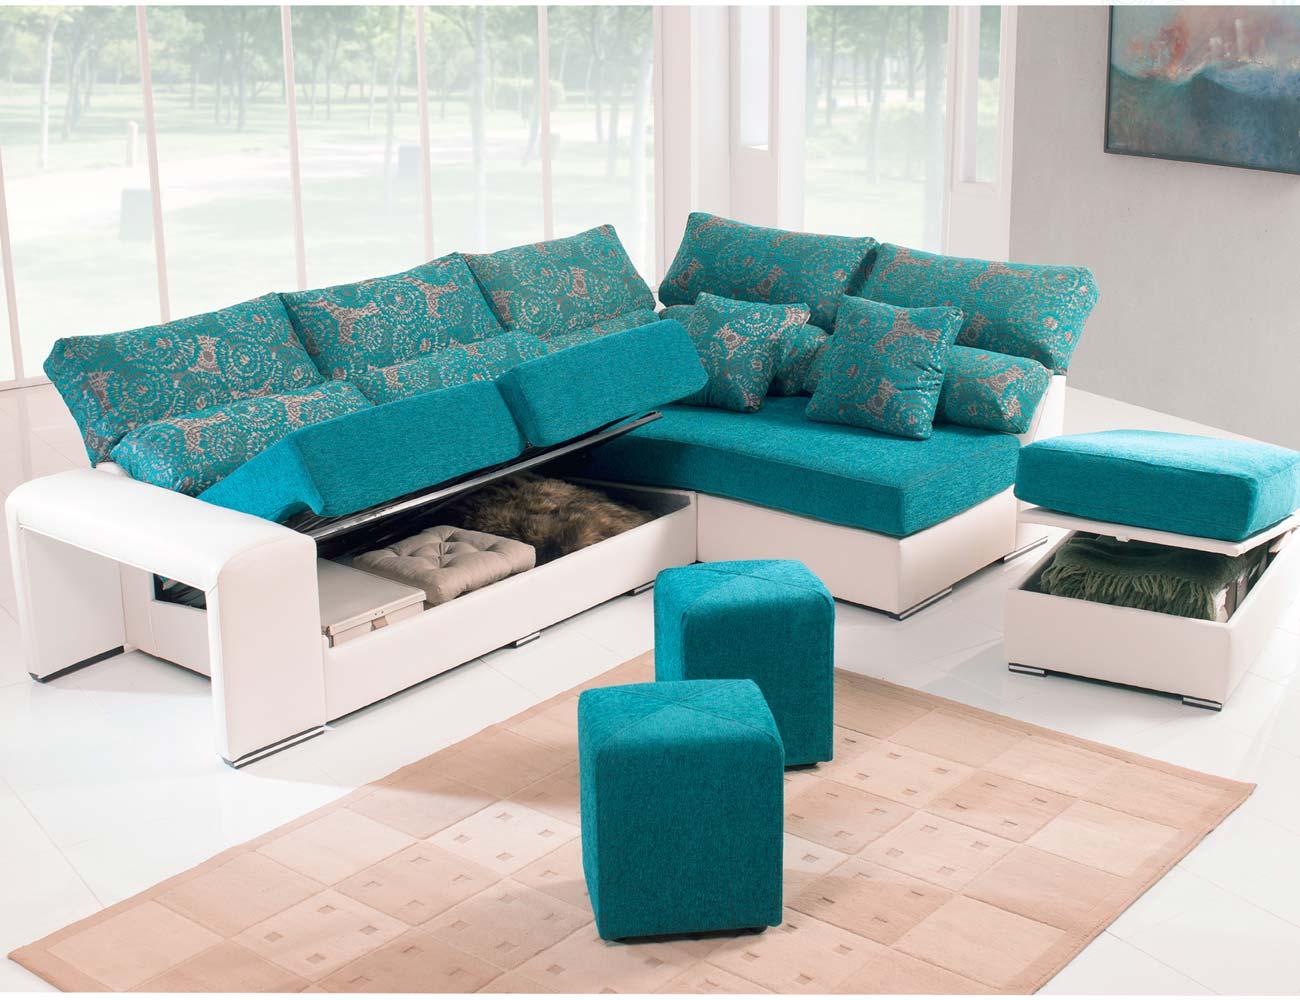 Sofa chaiselongue rincon puff arcon taburete8